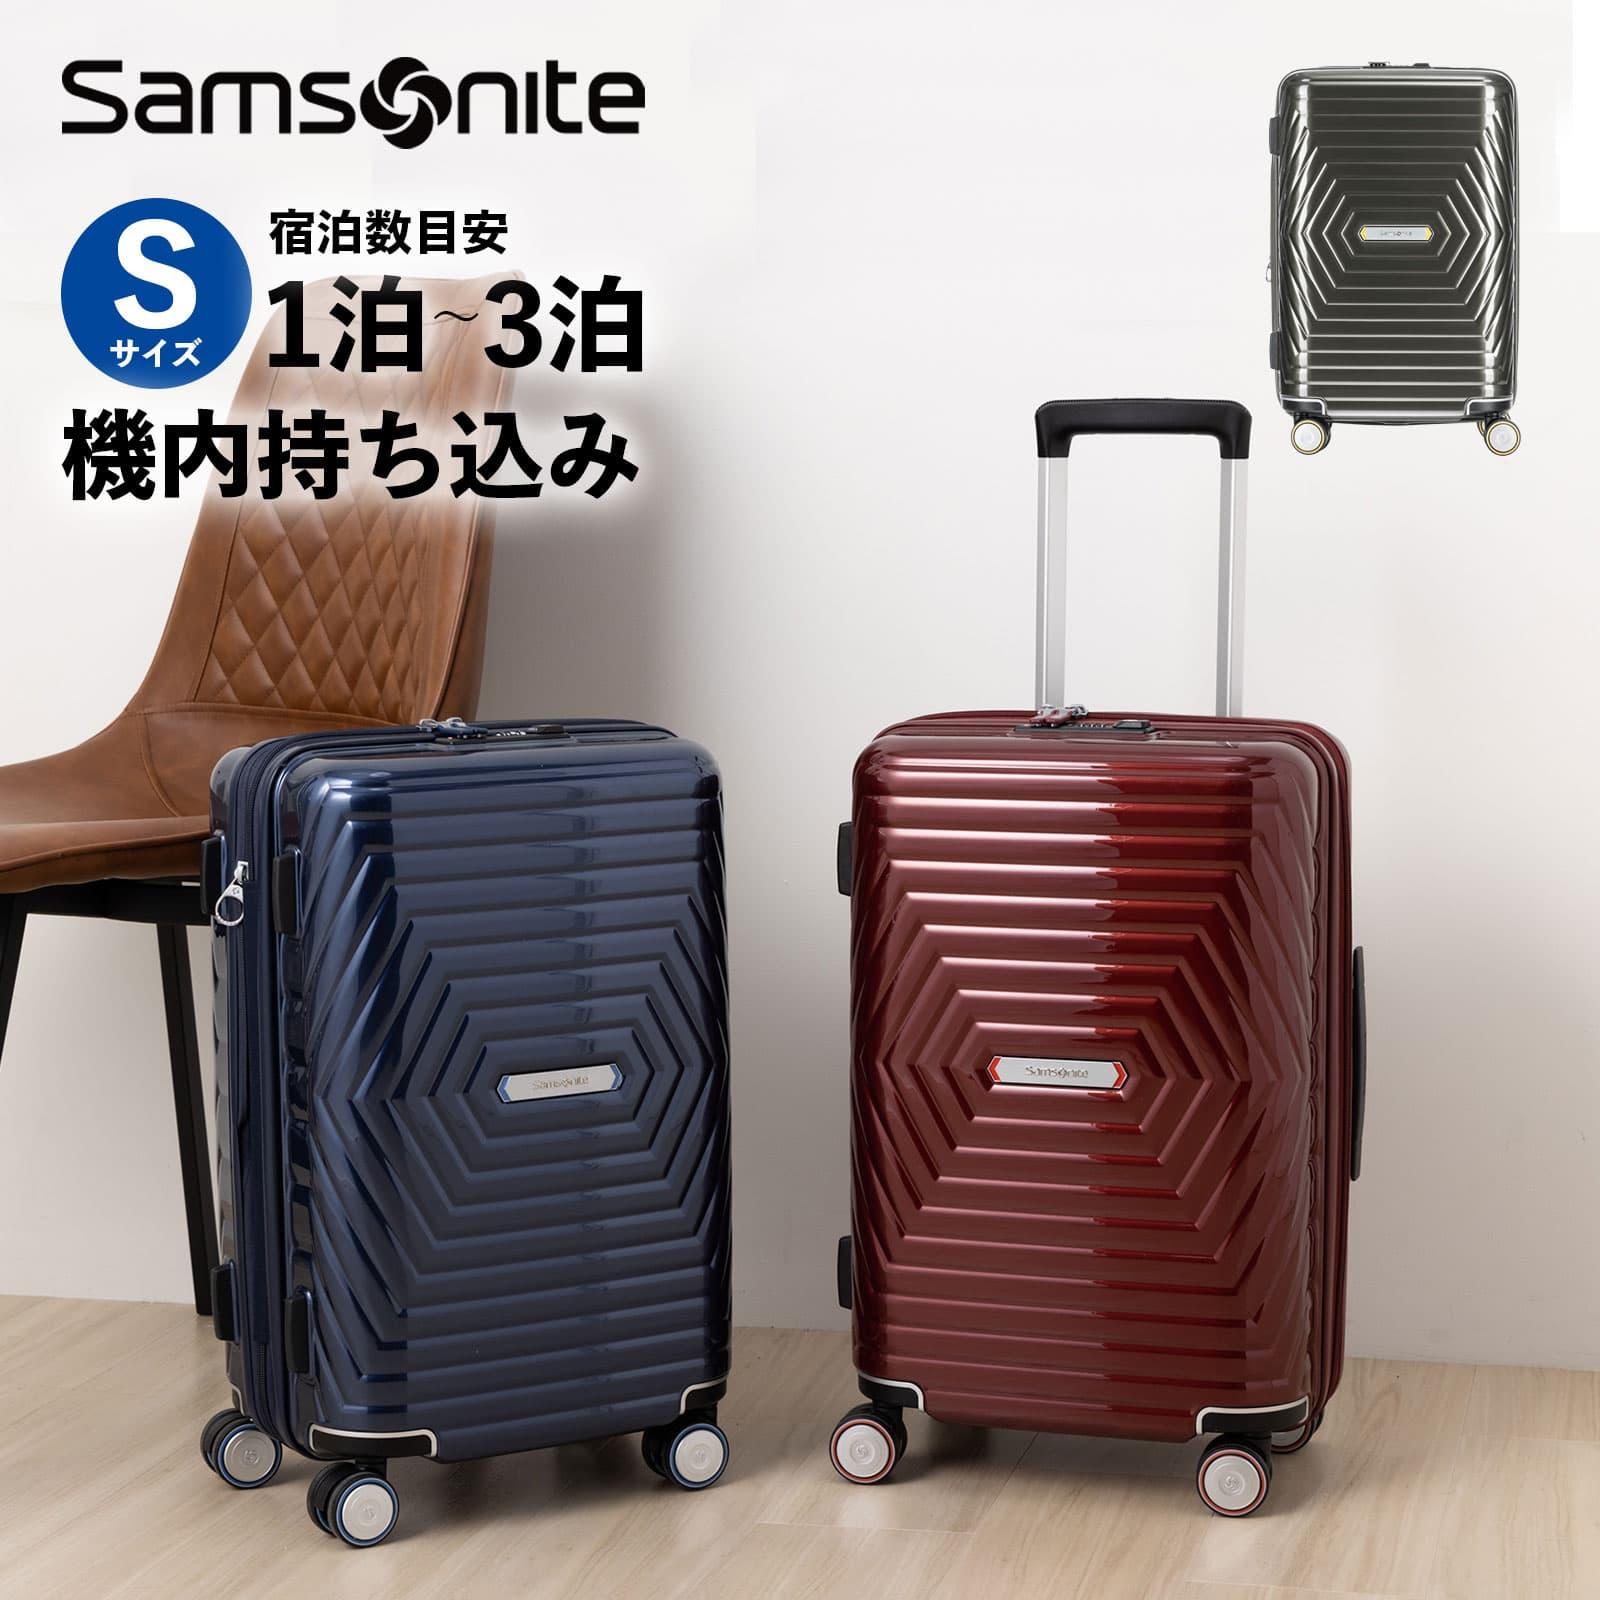 10%OFFクーポン配布中!スーツケース 機内持ち込み Sサイズ サムソナイト Samsonite アストラ スピナー55 ハードケース 容量拡張 158cm以内 超軽量 キャリーケース キャリーバッグ 旅行 トラベル 出張 ASTRA